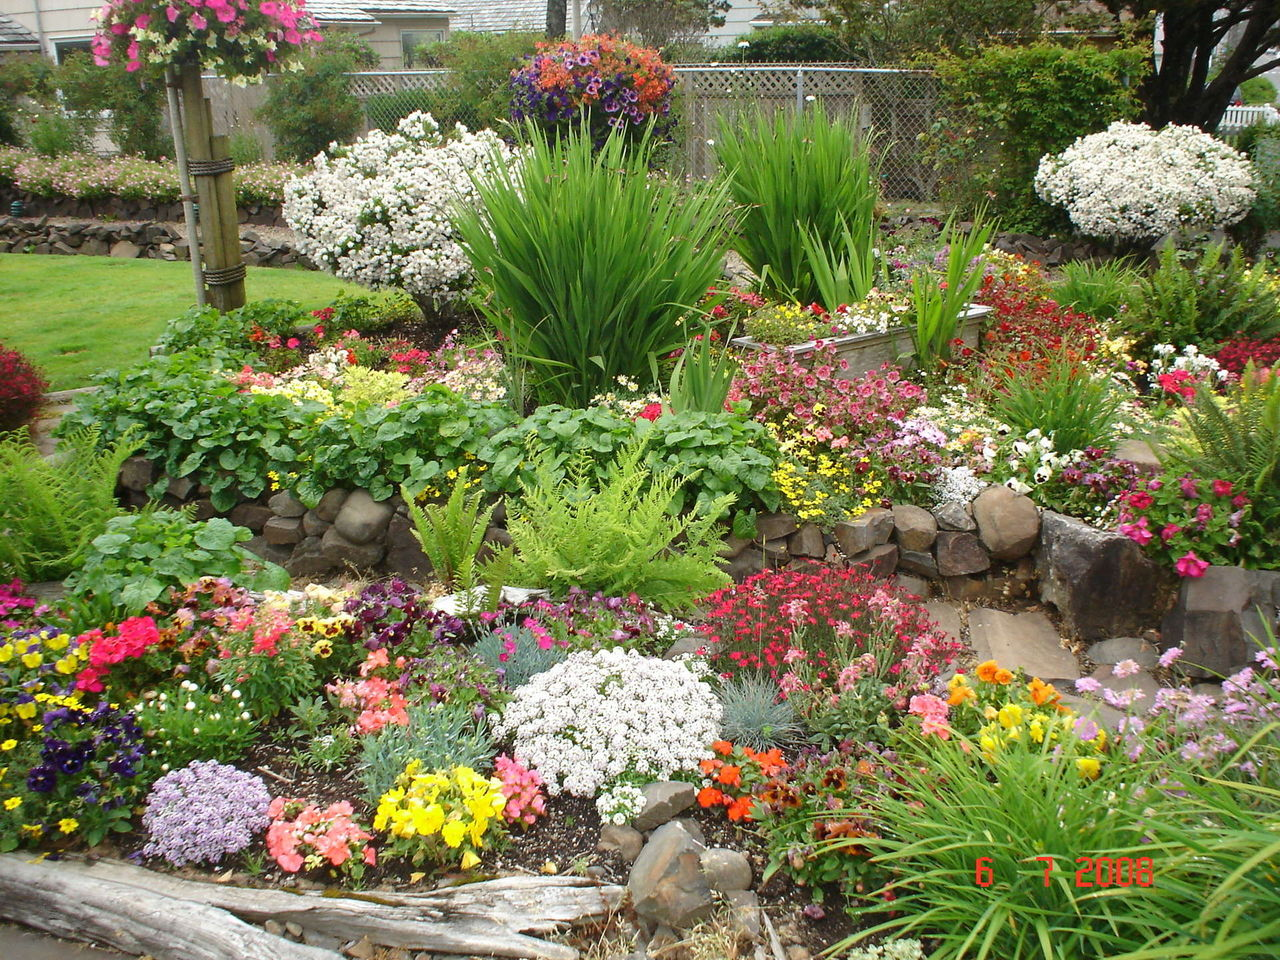 актерской деятельность, как спланировать цветник на даче фото хорошо разрастается саду